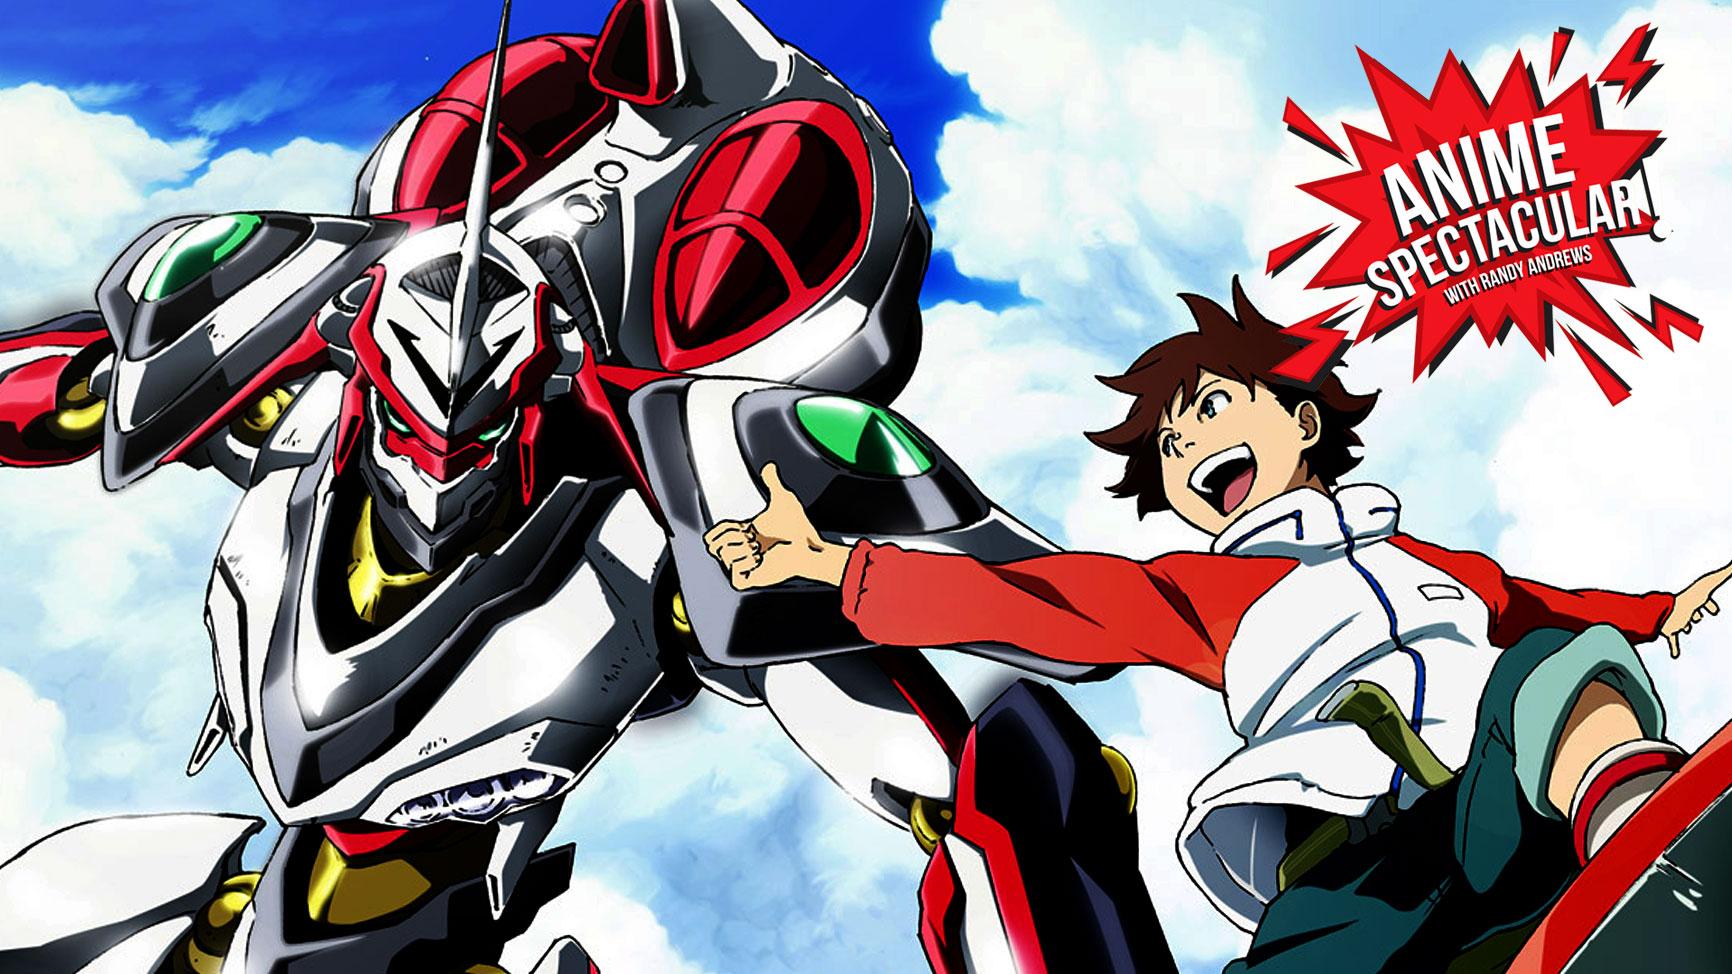 Anime spectacular